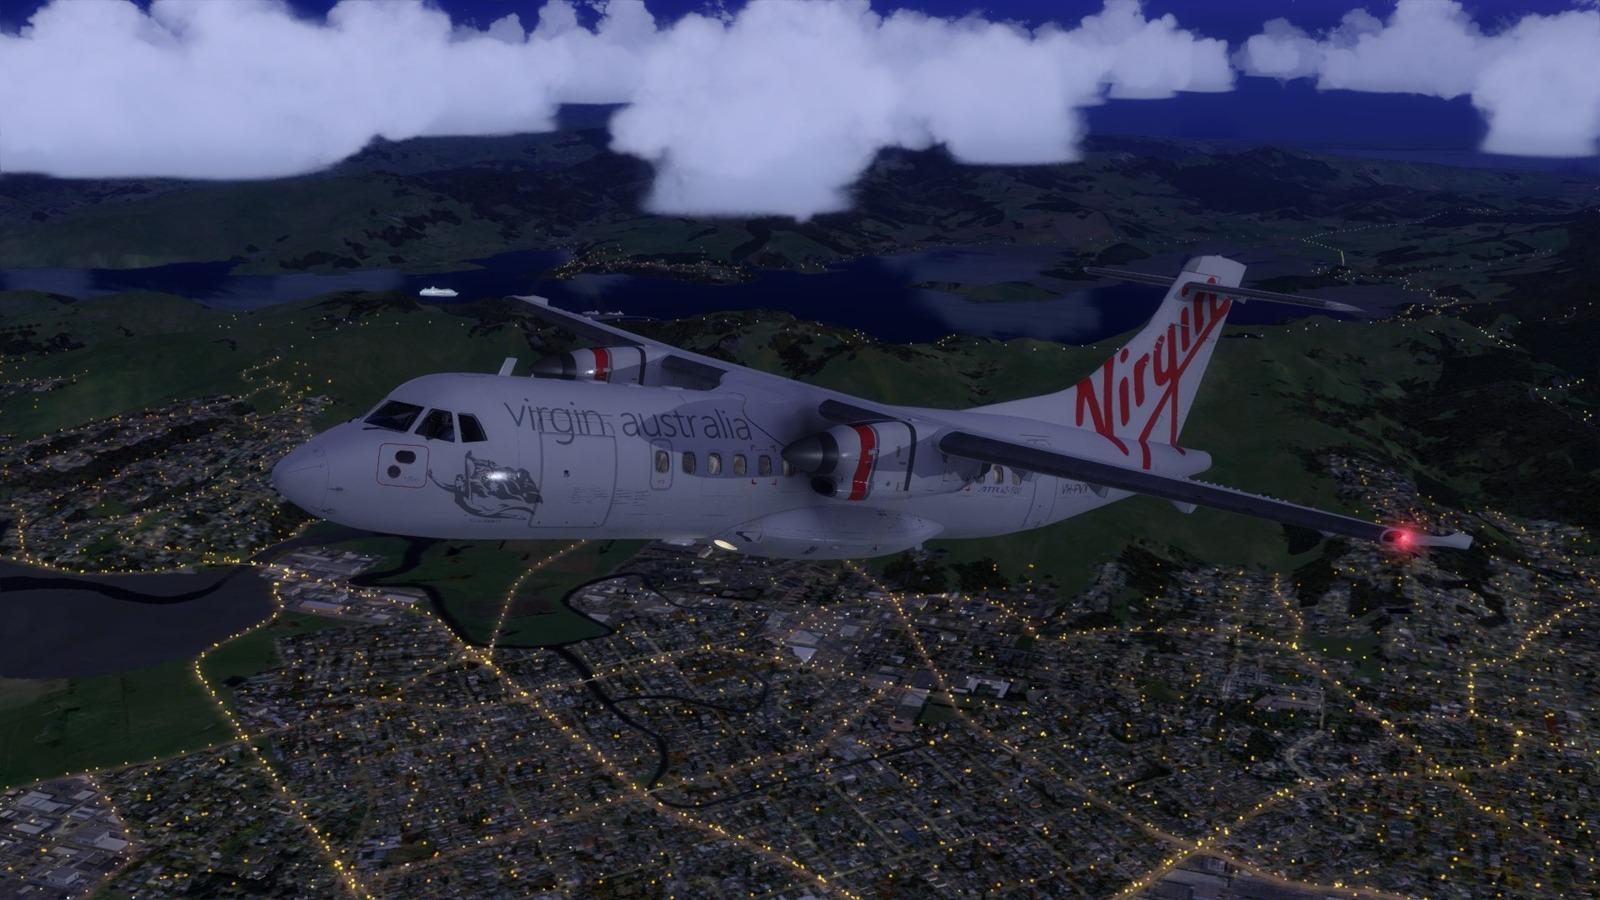 ATR 42-500 von Carenado für FSX/P3D erschienen - Seite 2 - Flugzeuge